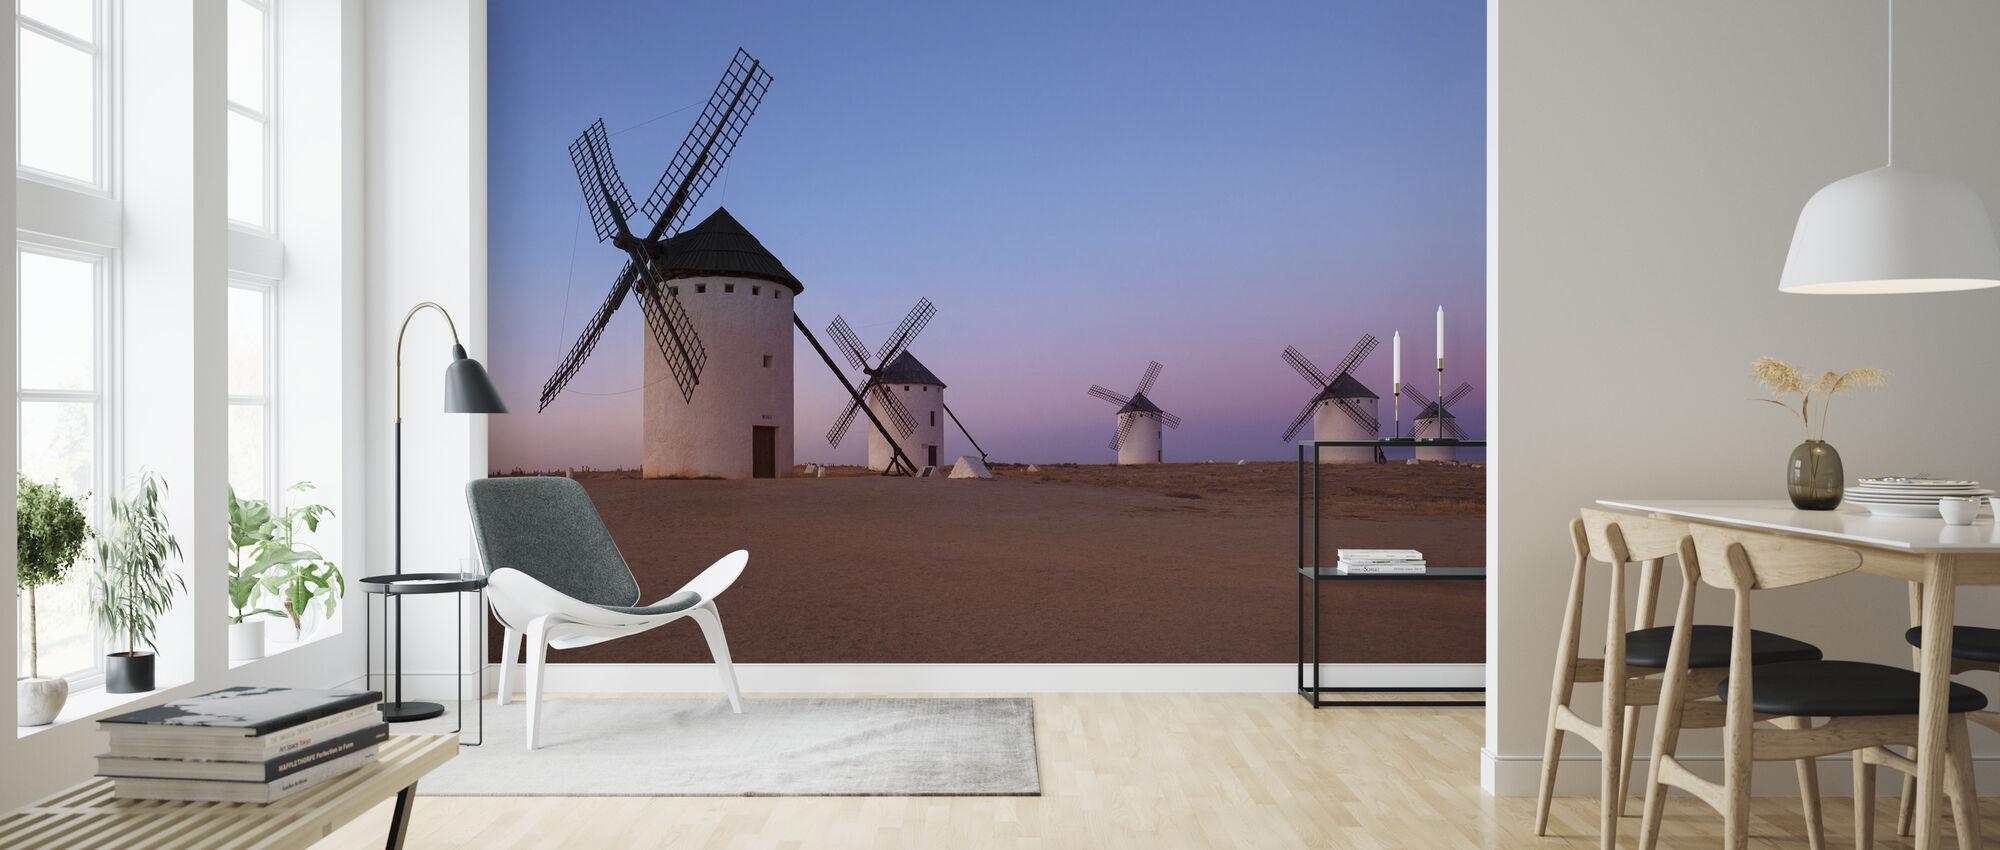 Windmills of La Mancha - Wallpaper - Living Room